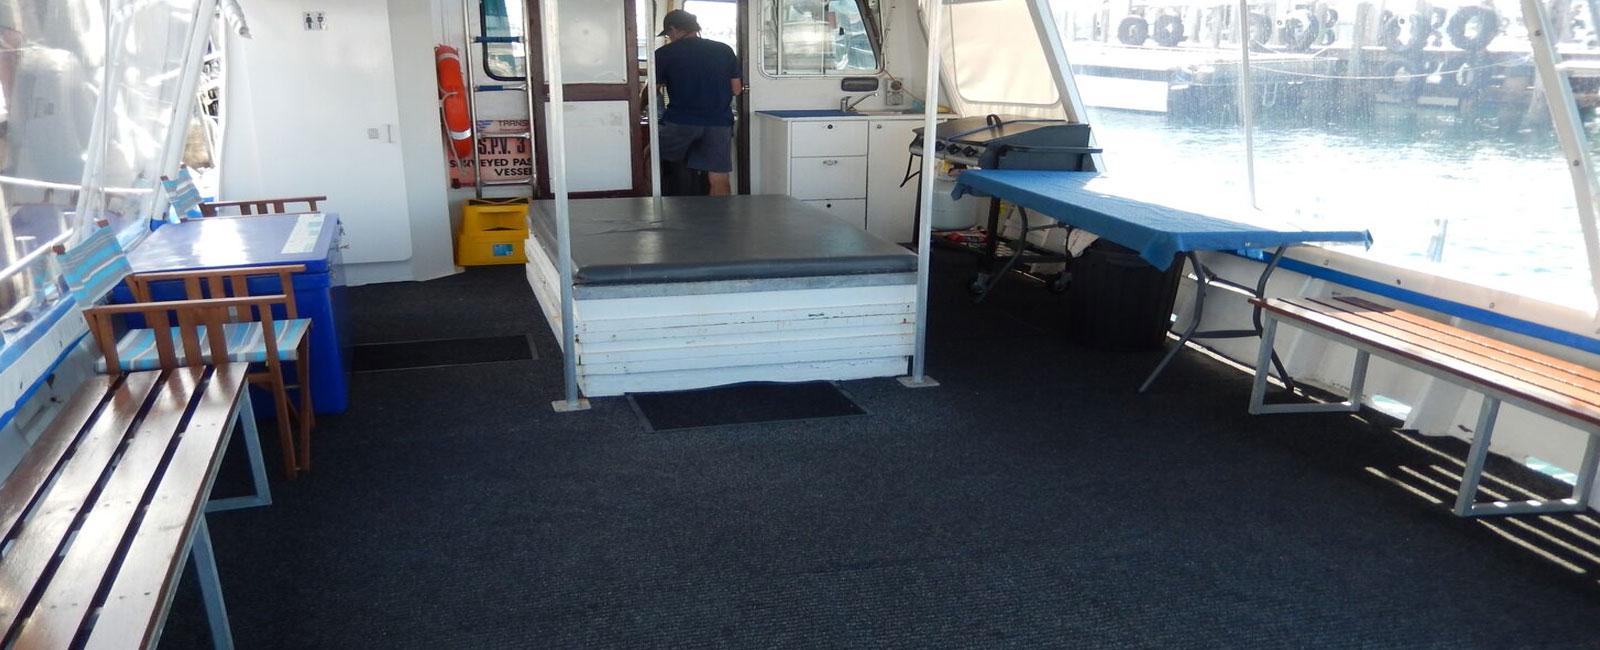 PIA REBECCA back deck view to cabin